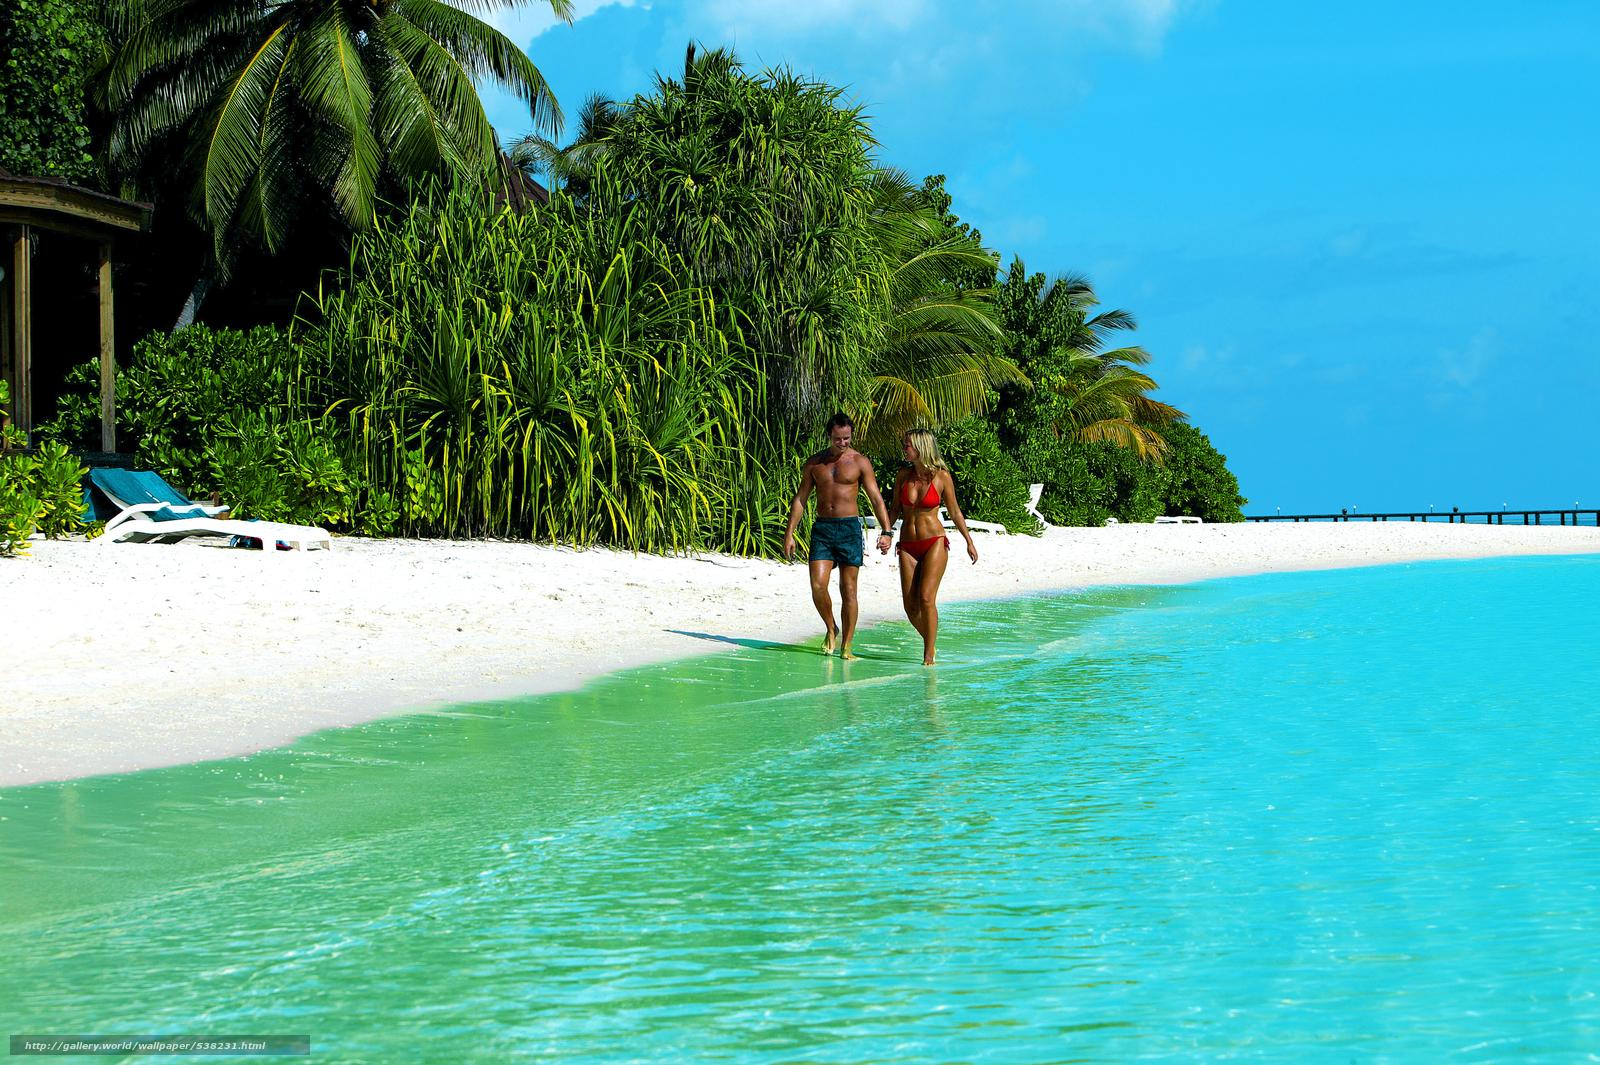 下载壁纸 热带,  马尔代夫,  海,  海滩 免费为您的桌面分辨率的壁纸 3900x2595 — 图片 №538231